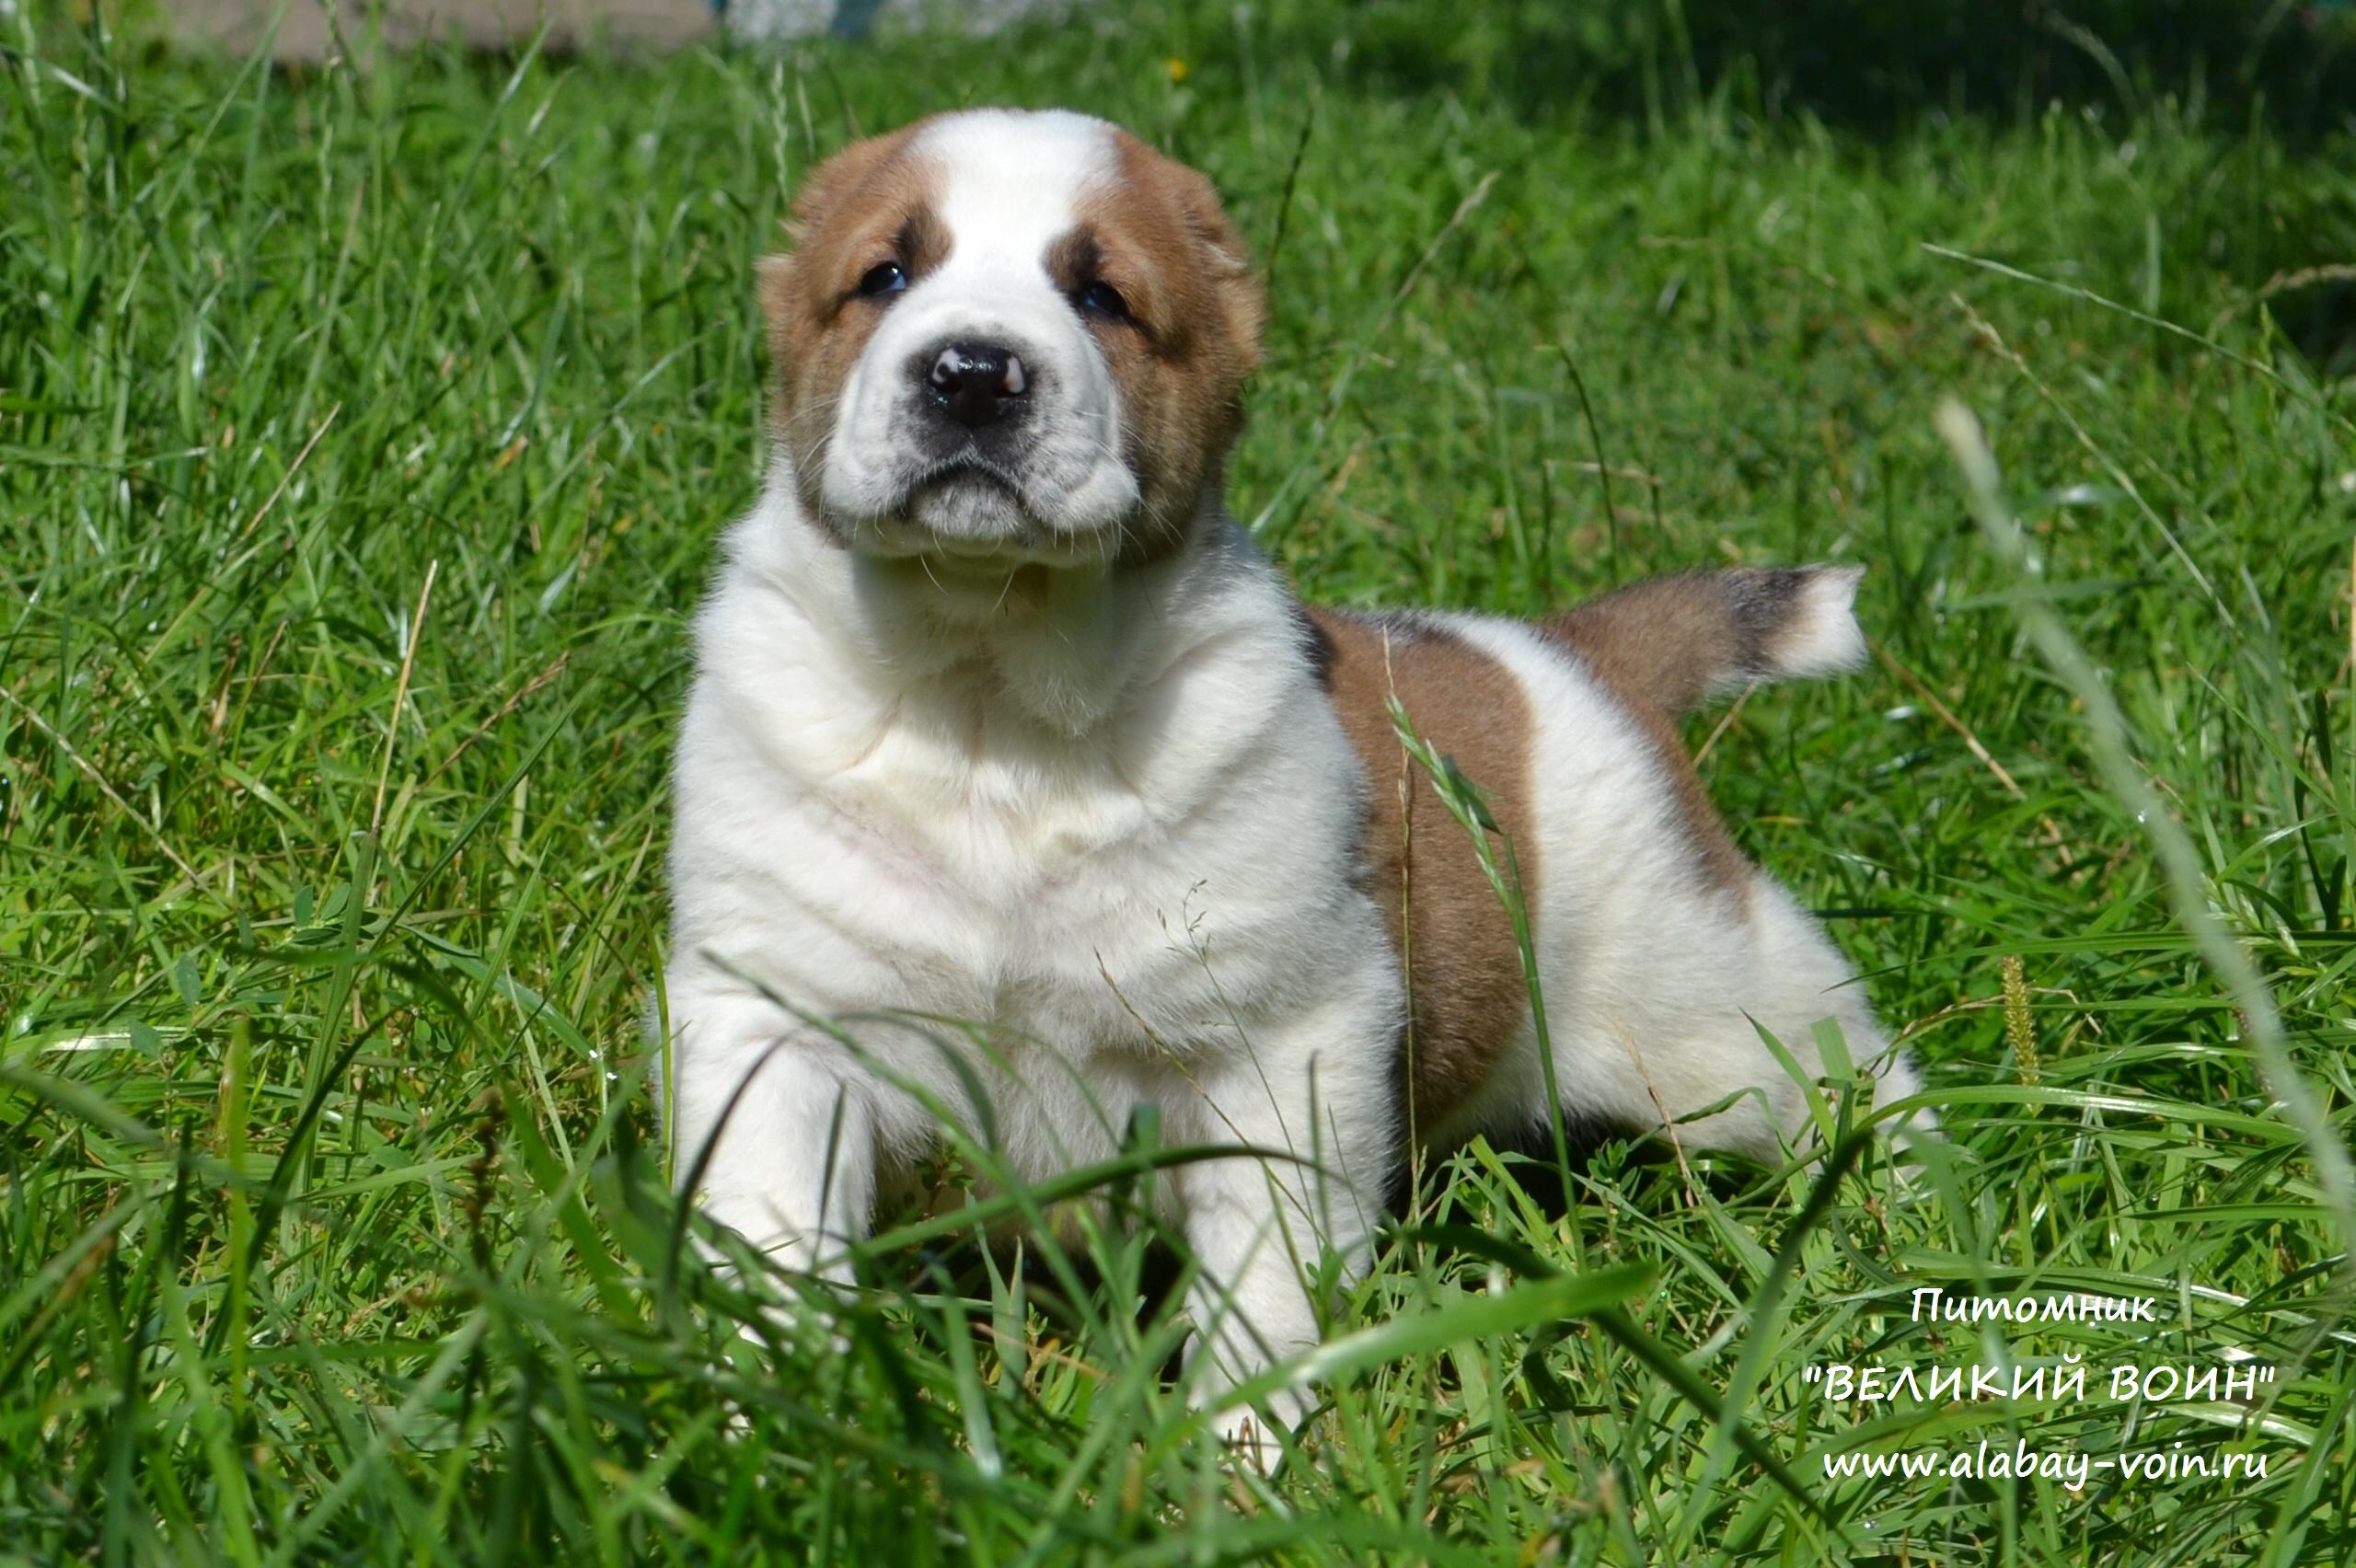 рыжий щенок алабая, Великий Воин Полкан